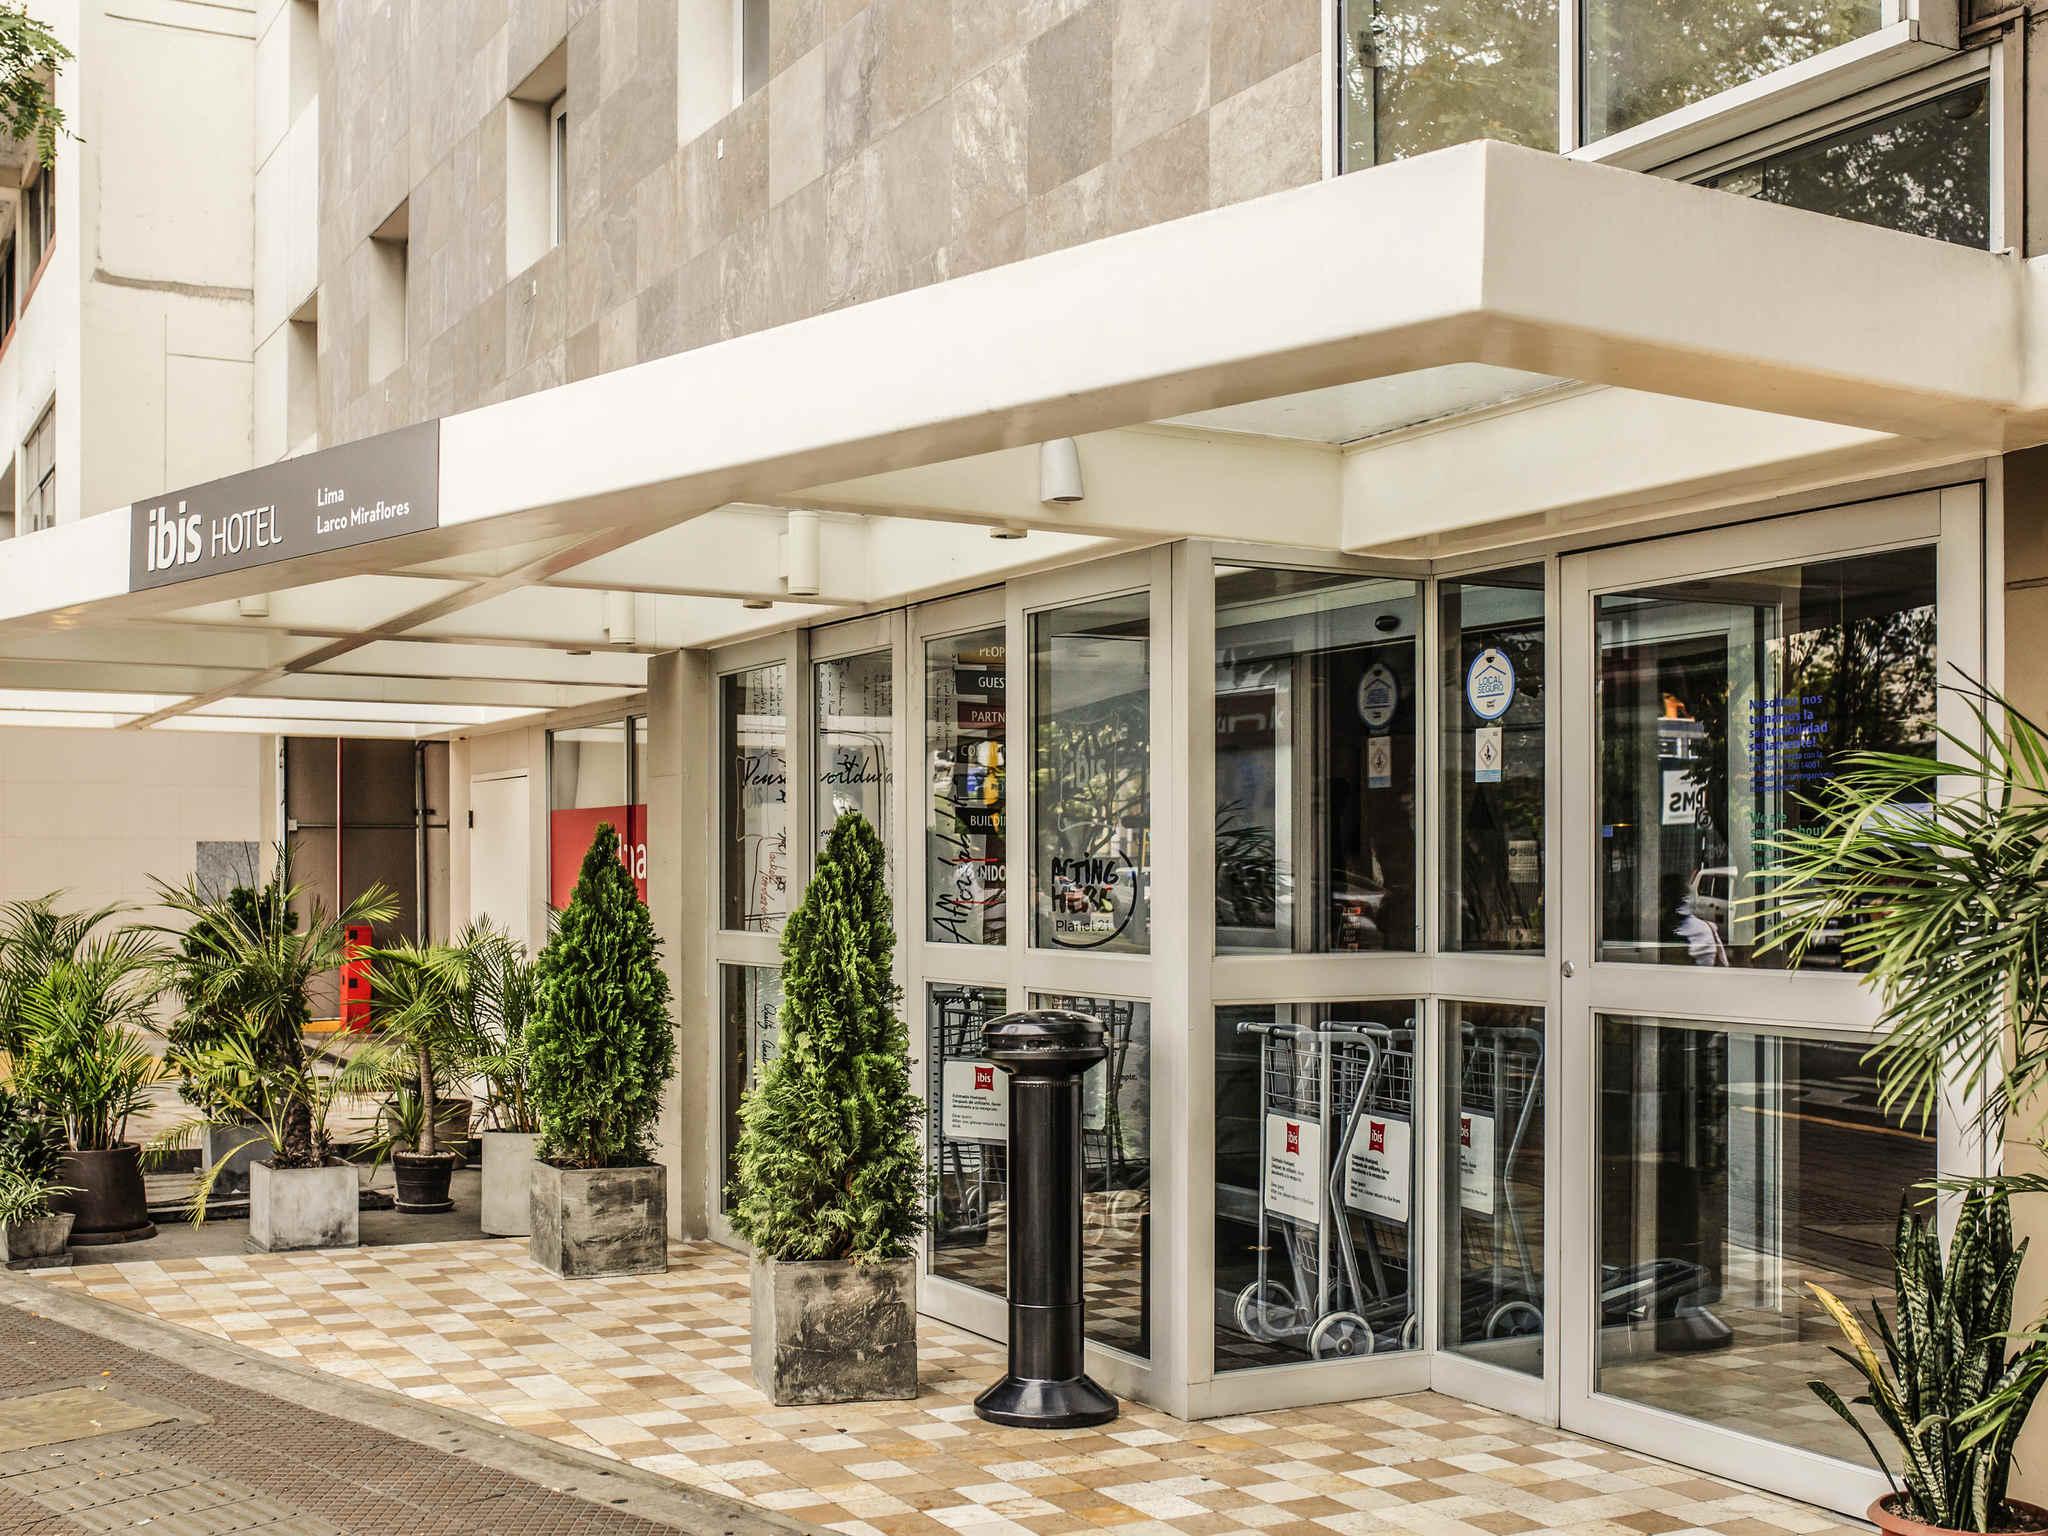 Hotel in LIMA - ibis Larco Miraflores